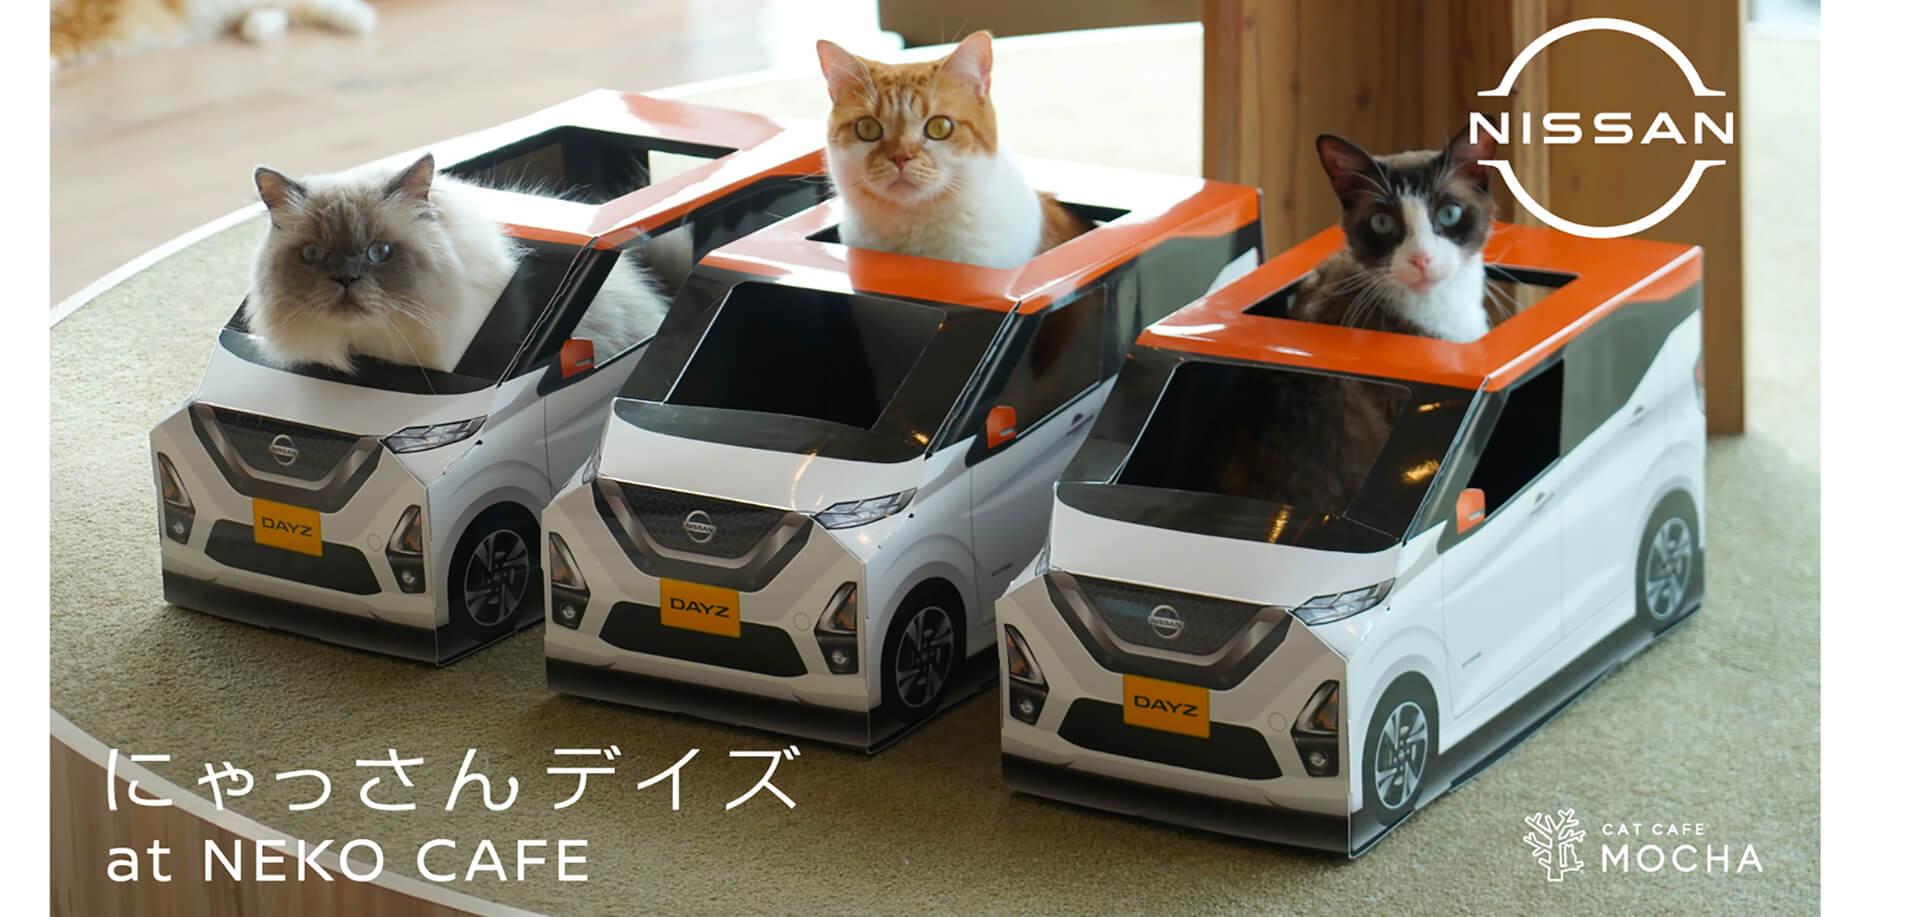 ねこ用日産軽自動車「にゃっさんデイズ」と猫カフェ「MOCHA」のコラボ企画